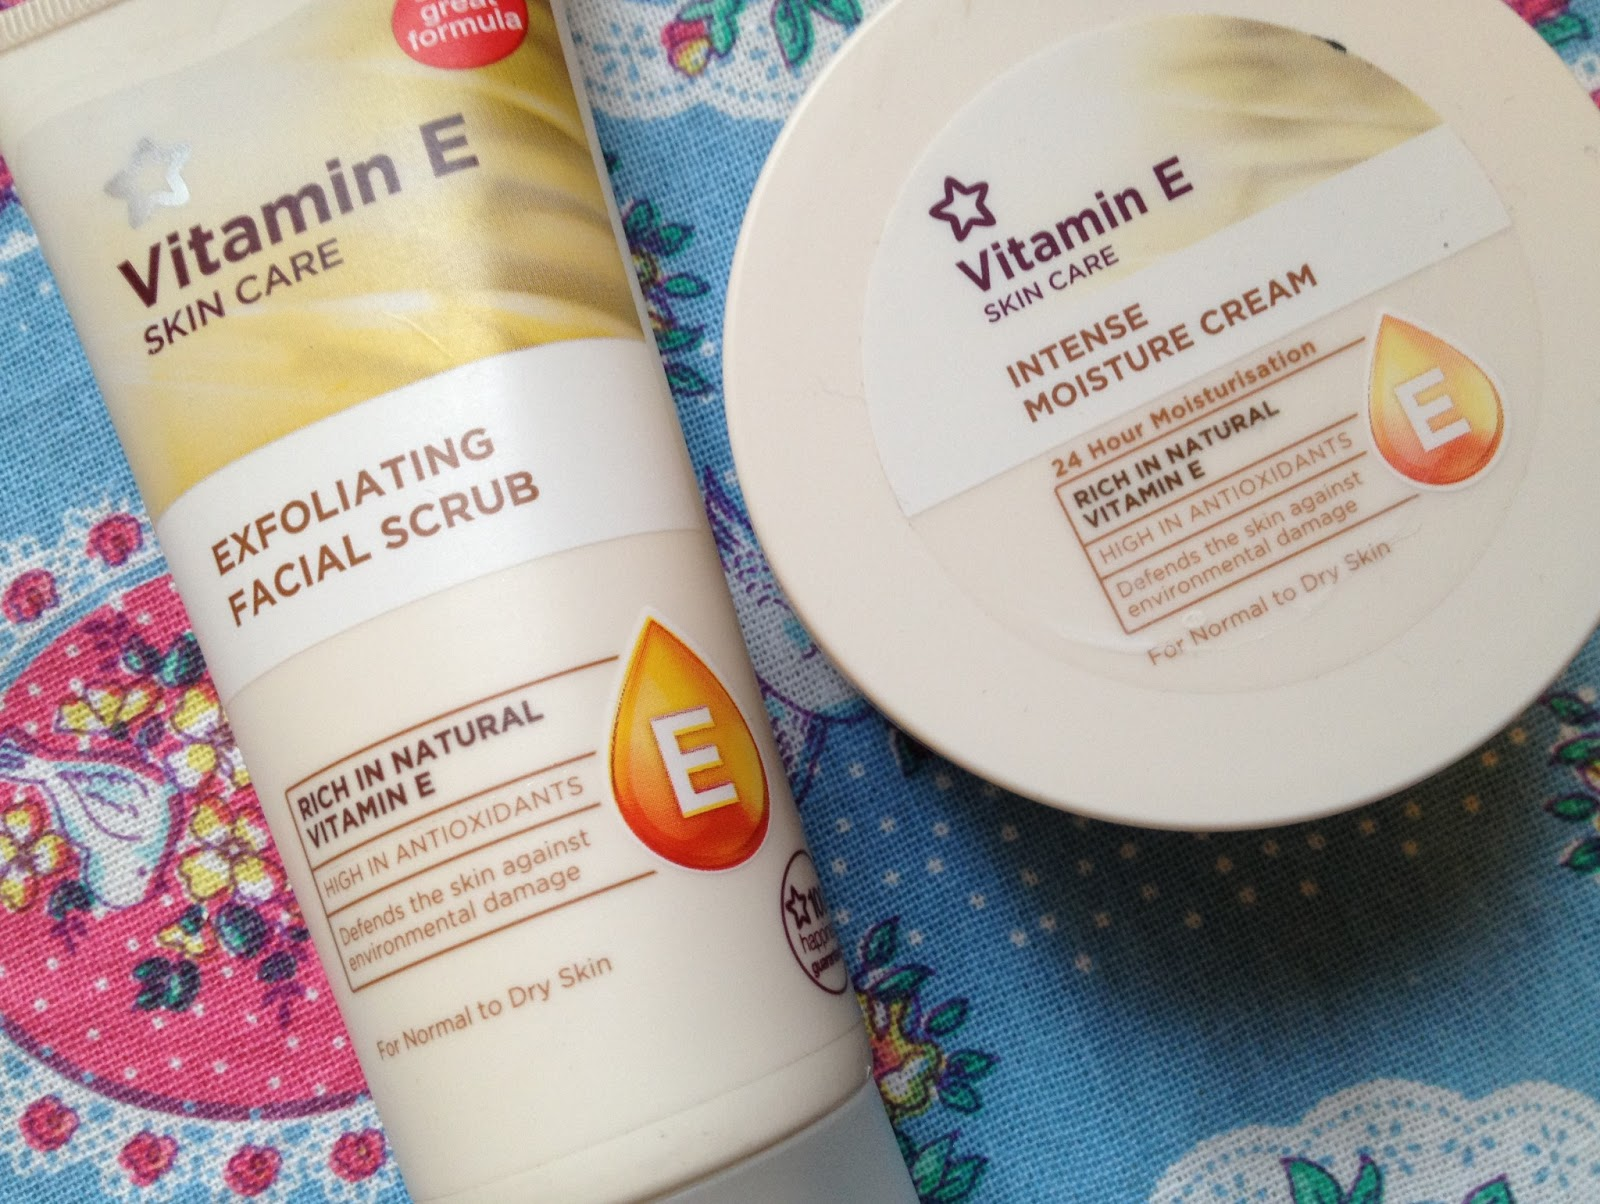 natural exfoliating face scrub